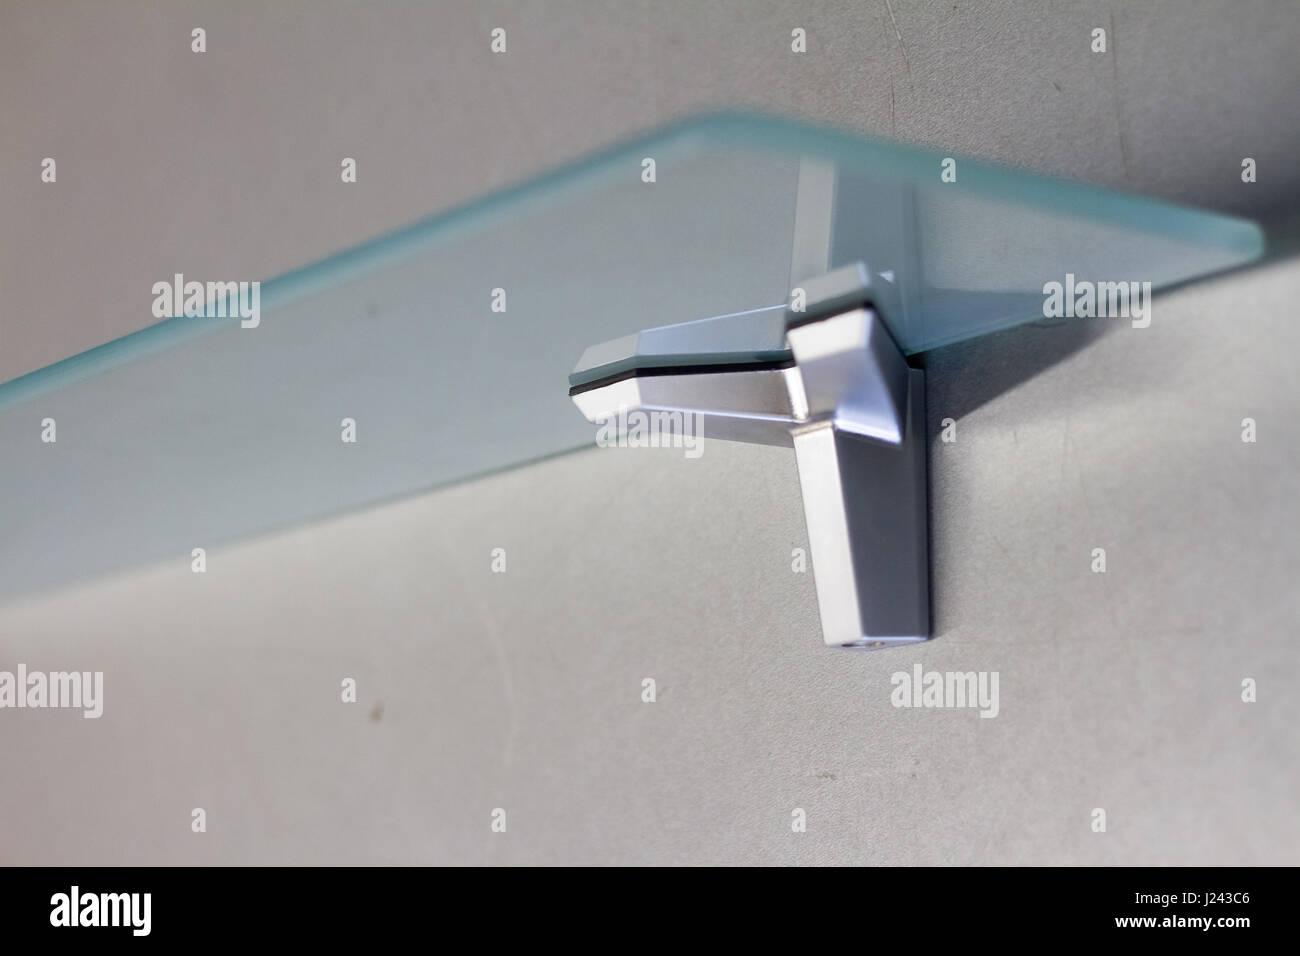 Halterung Fur Einlegeboden Aus Glas Oder Holz Verbindungselemente Fur Mobel Regale Verschiedene Materialien Verschiedene Farben Und Formen Stockfotografie Alamy